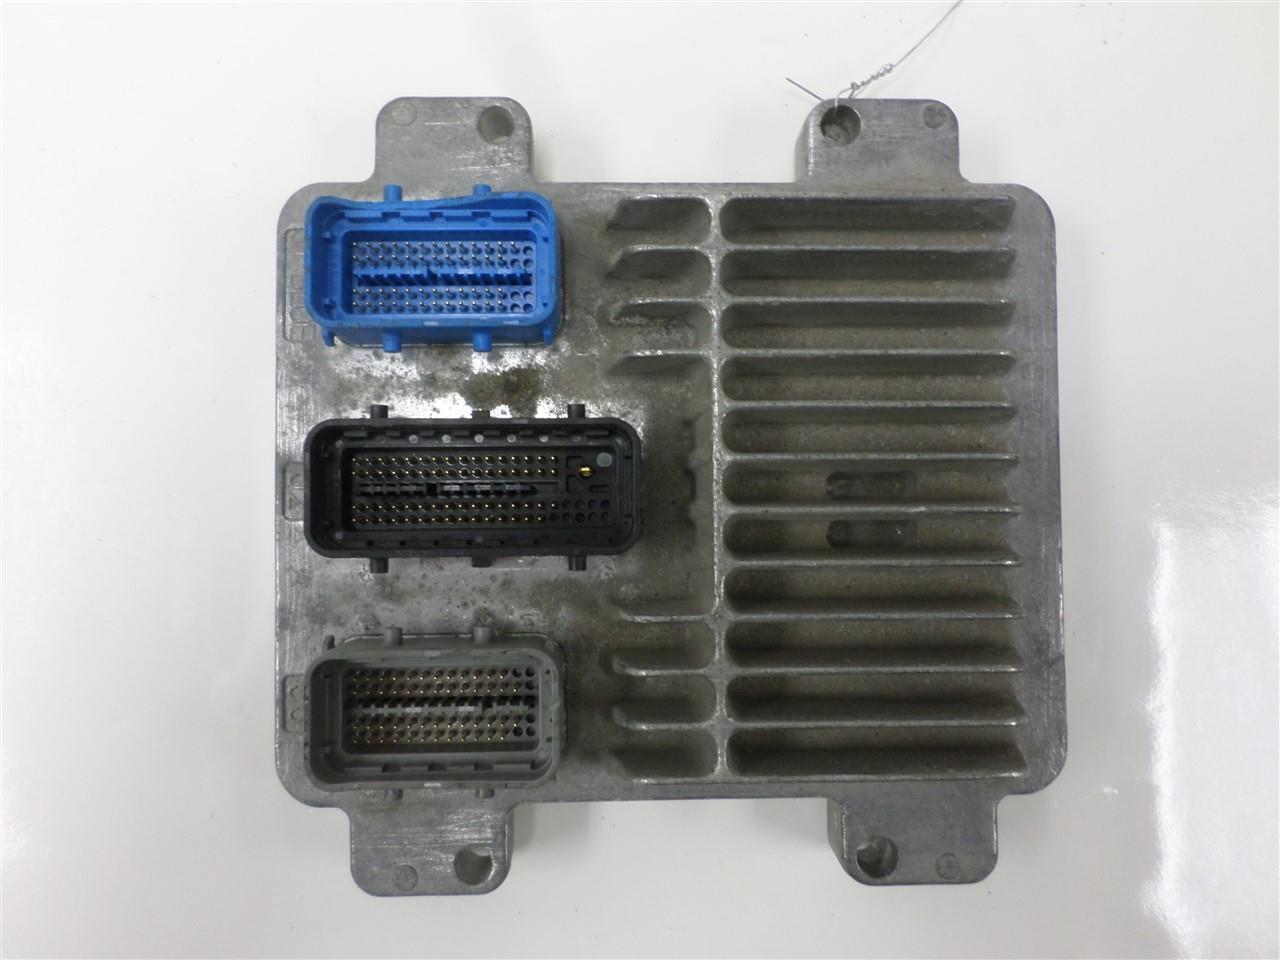 No 2004 Pontiac Grand Prix Engine Computer Serv 12581501 Programmed to your VIN ECM PCM ECU